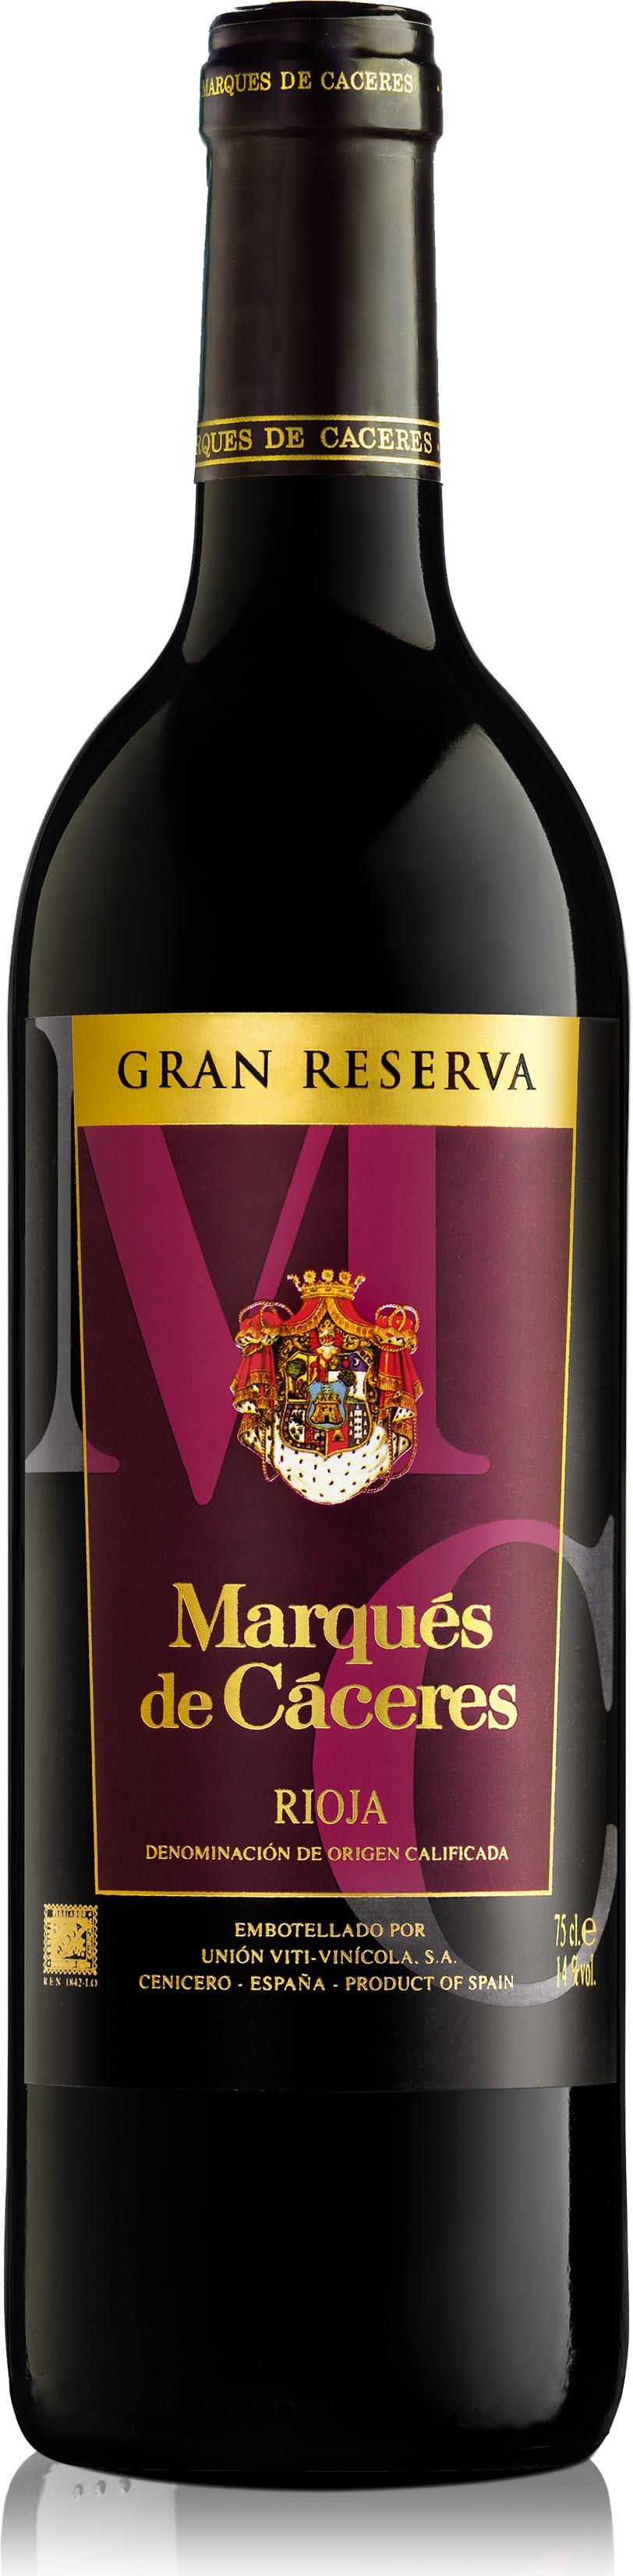 2009 Marques de Caceres Gran Reserva , Rioja D.O.